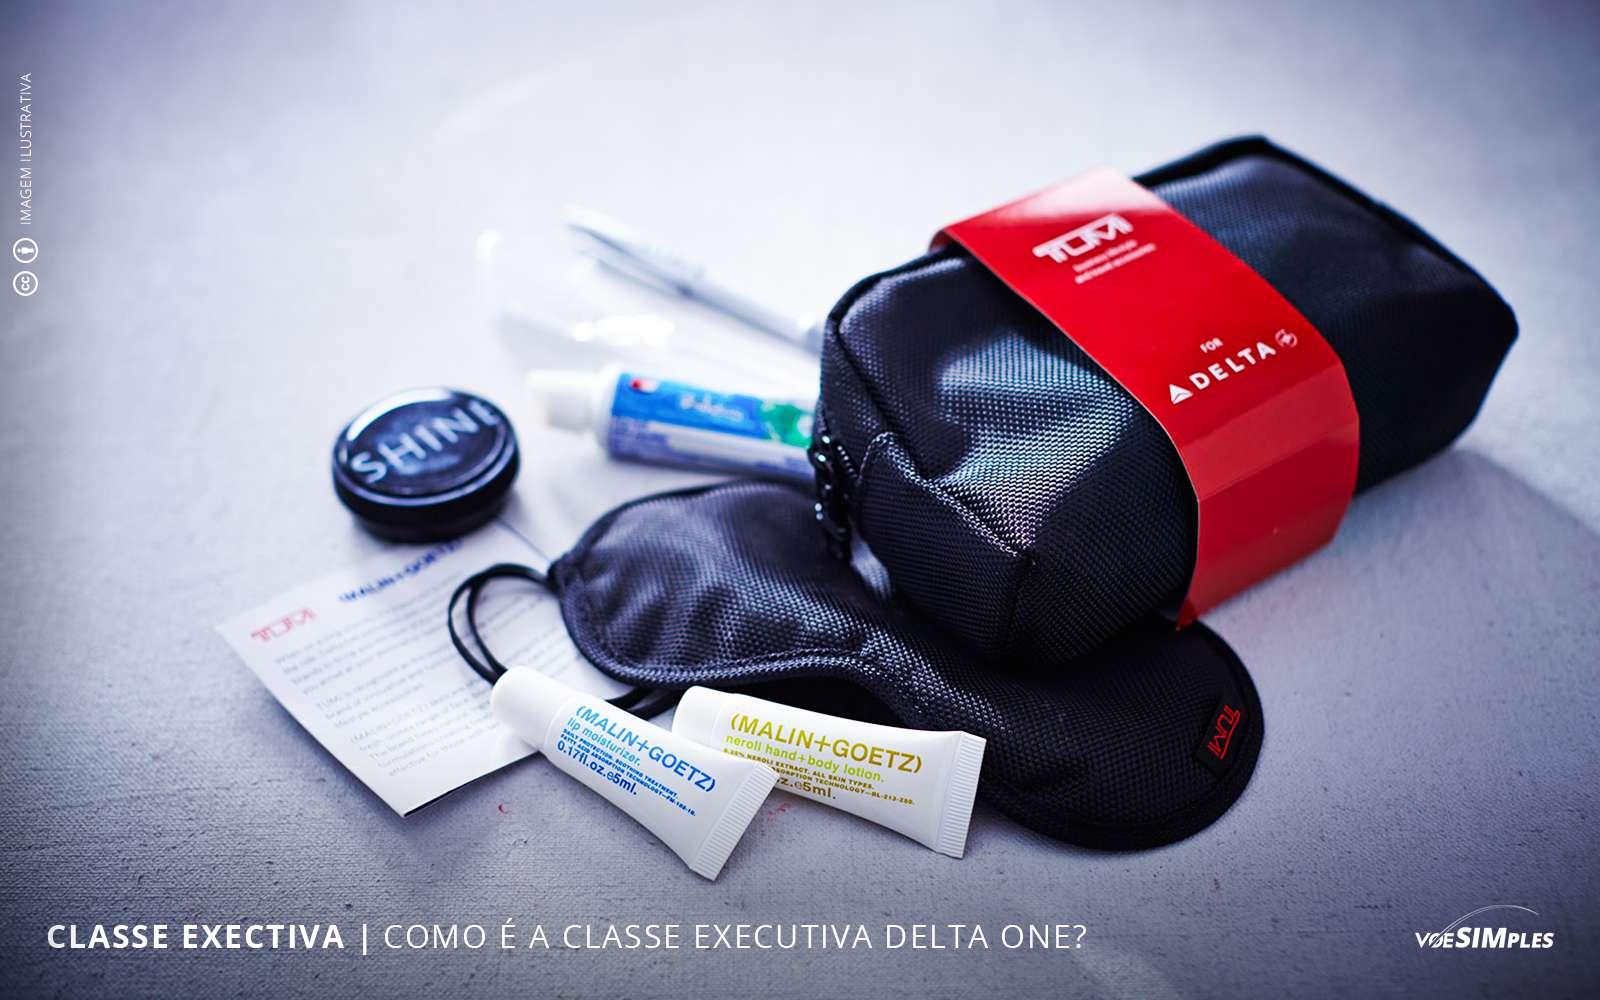 Guia Classe Executiva Delta One - Business Class Delta | Voe